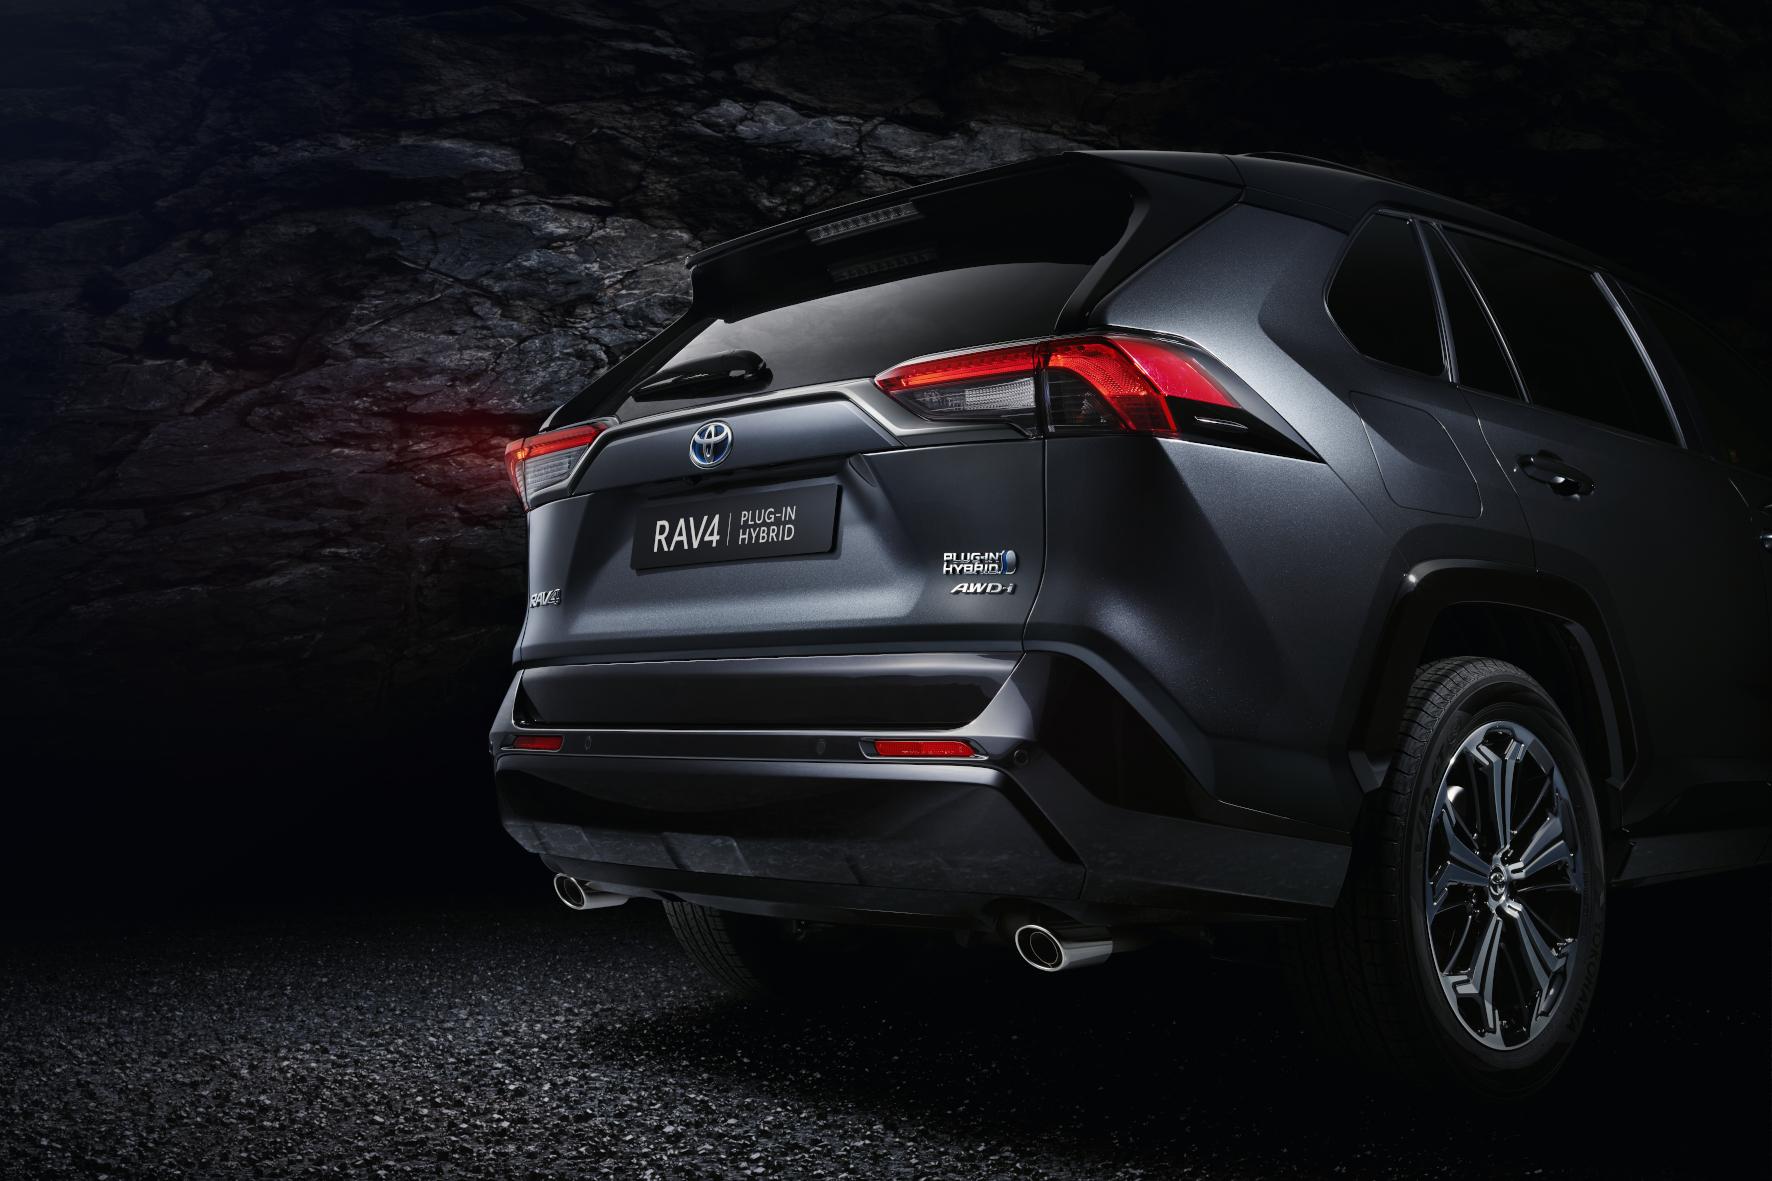 Auch die Heckpartie zeigt, dass Toyota bei der neuen RAV4-Variante auf Dynamik setzt.